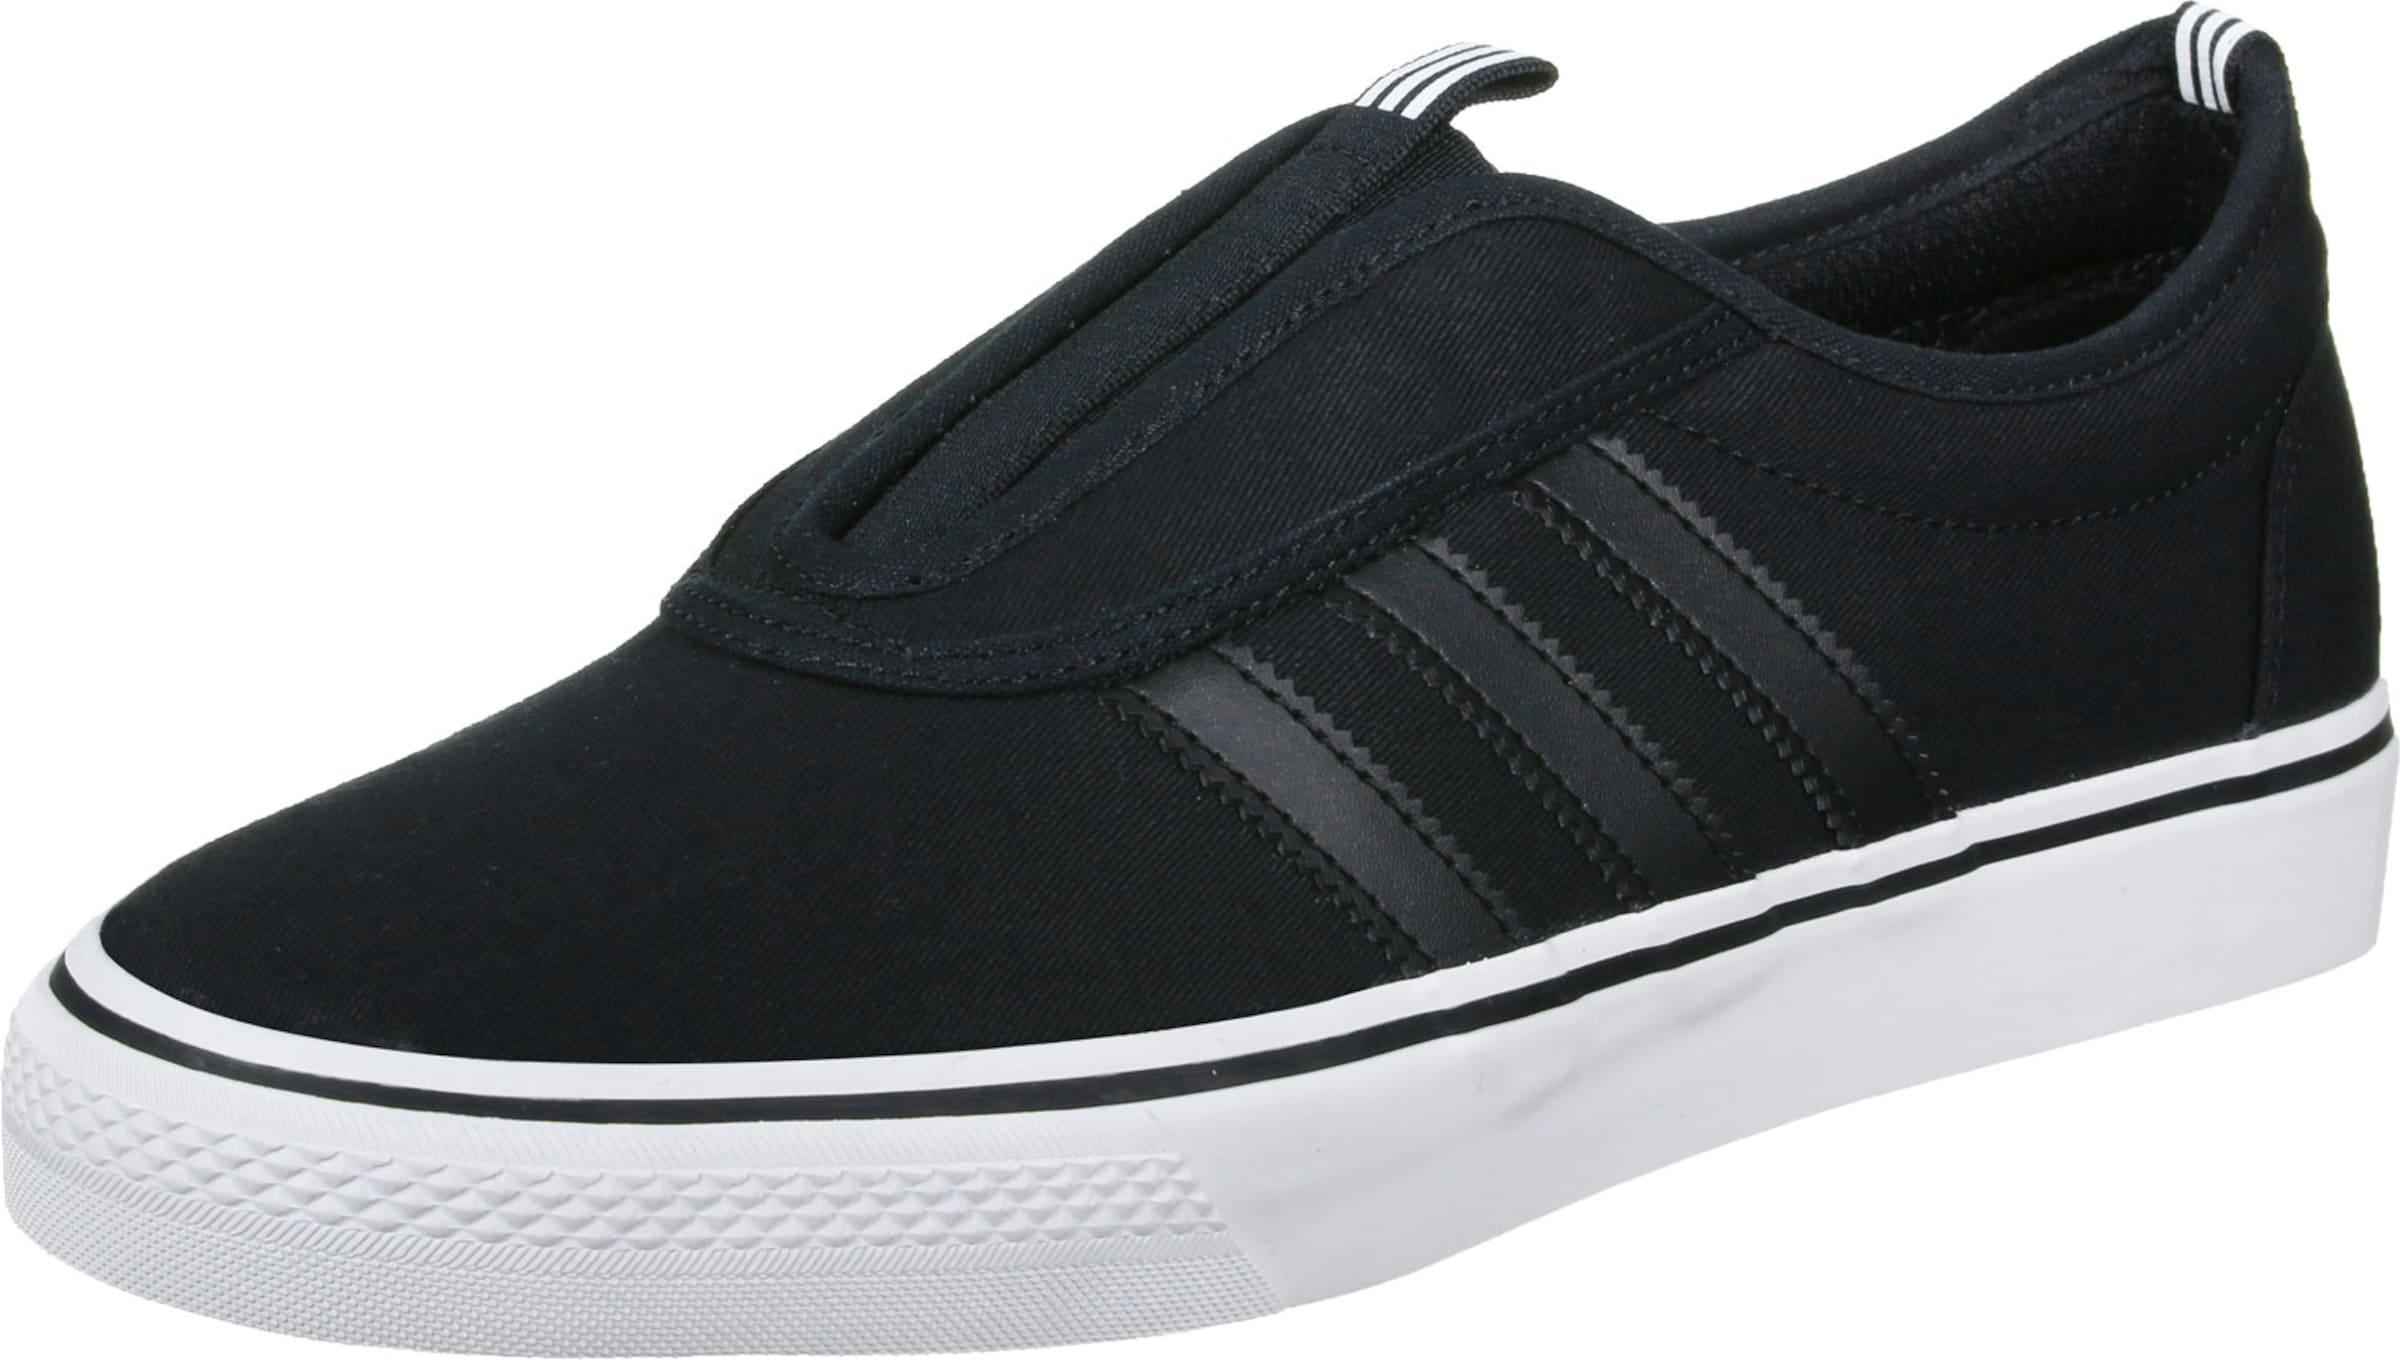 Ease Kung 'adi Originals Sneaker Fu' Schwarz In Adidas vnwOm80N